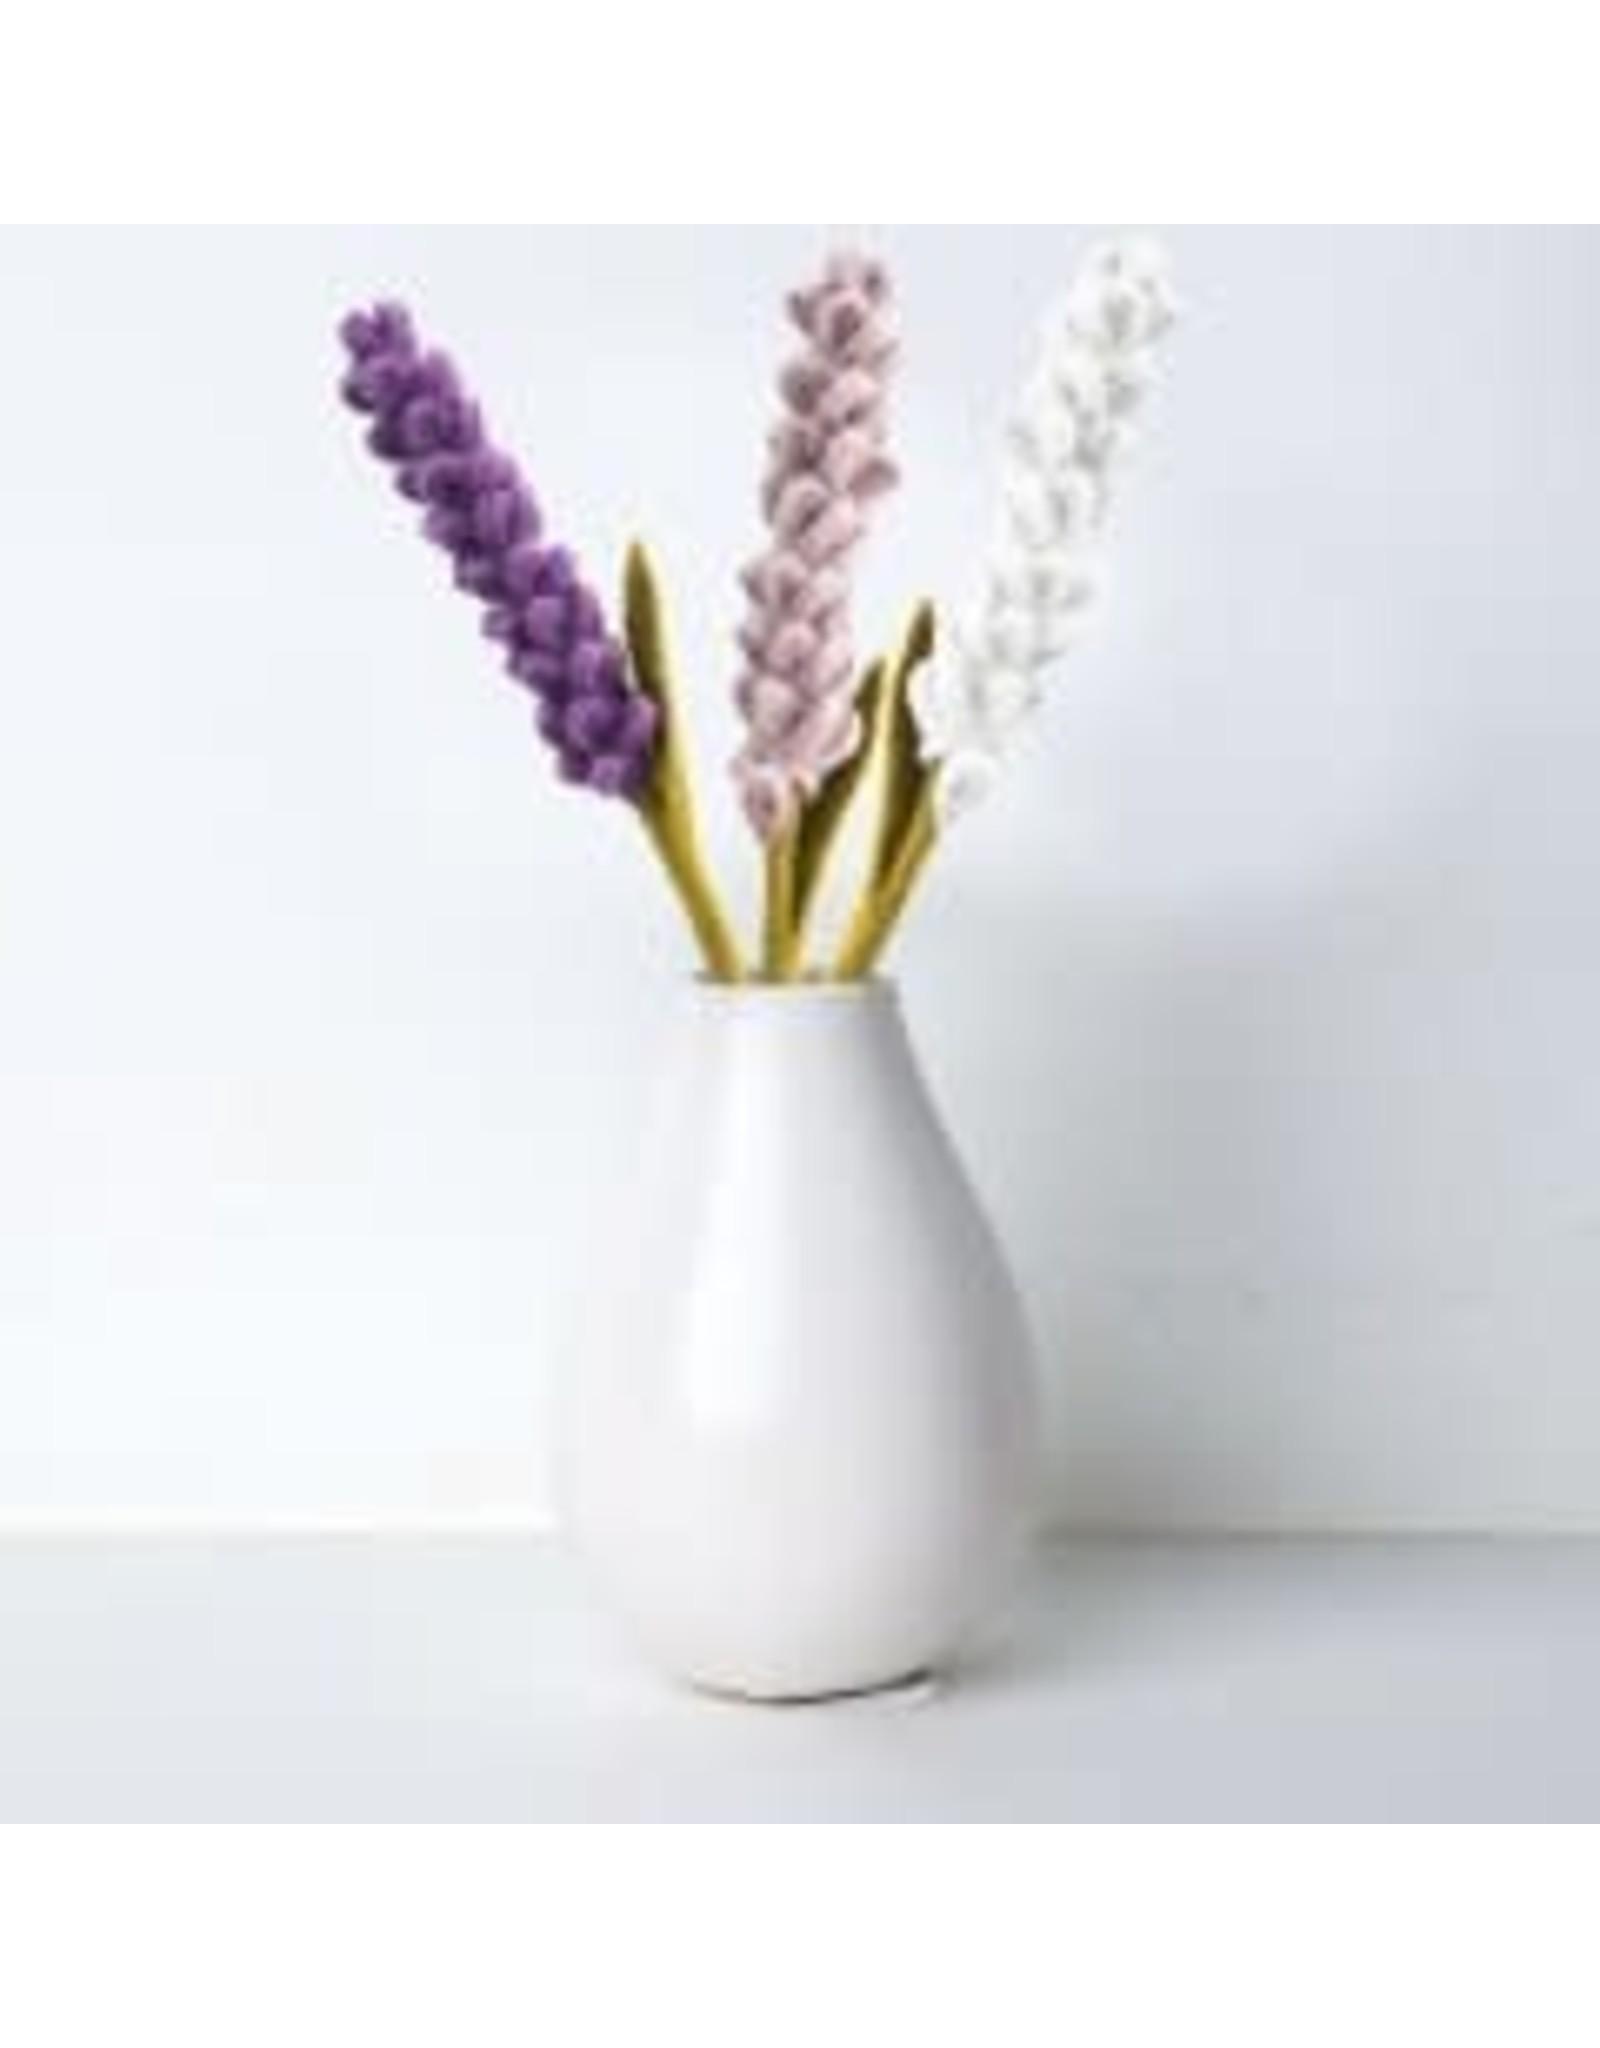 Felt Lavender Flower, Nepal